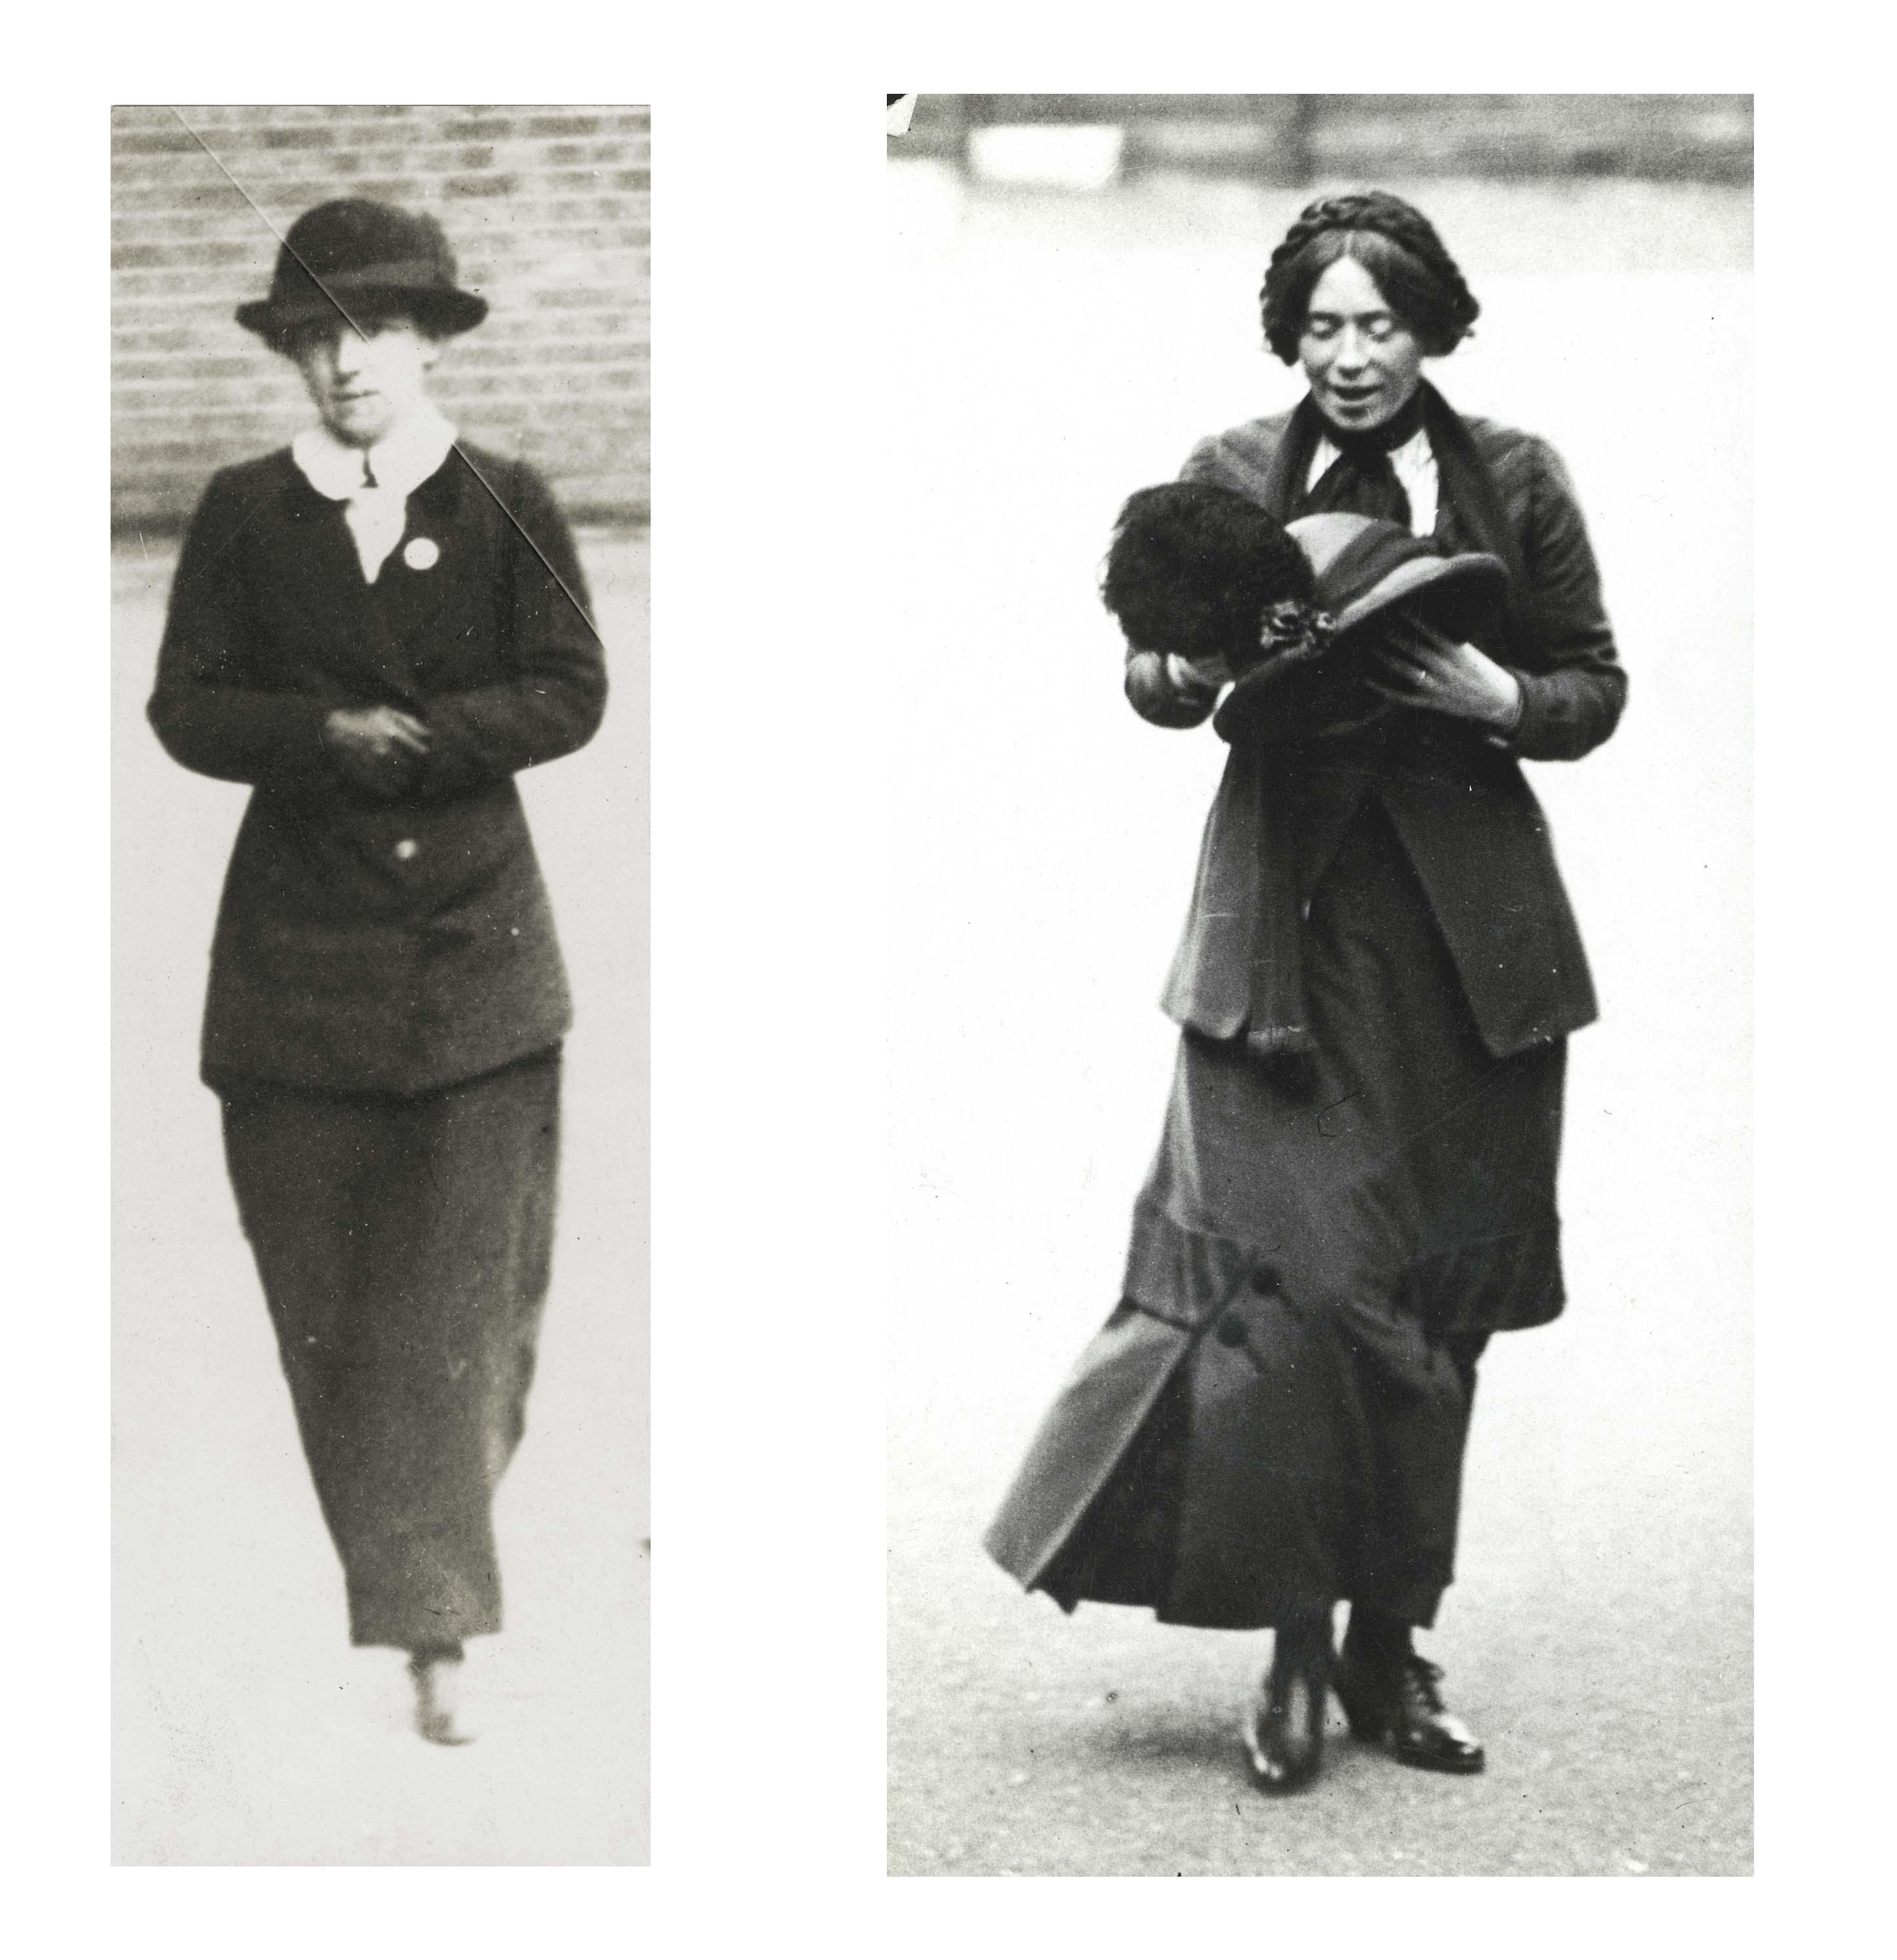 a composite photo of two women in Edwardian dress walking across a yard